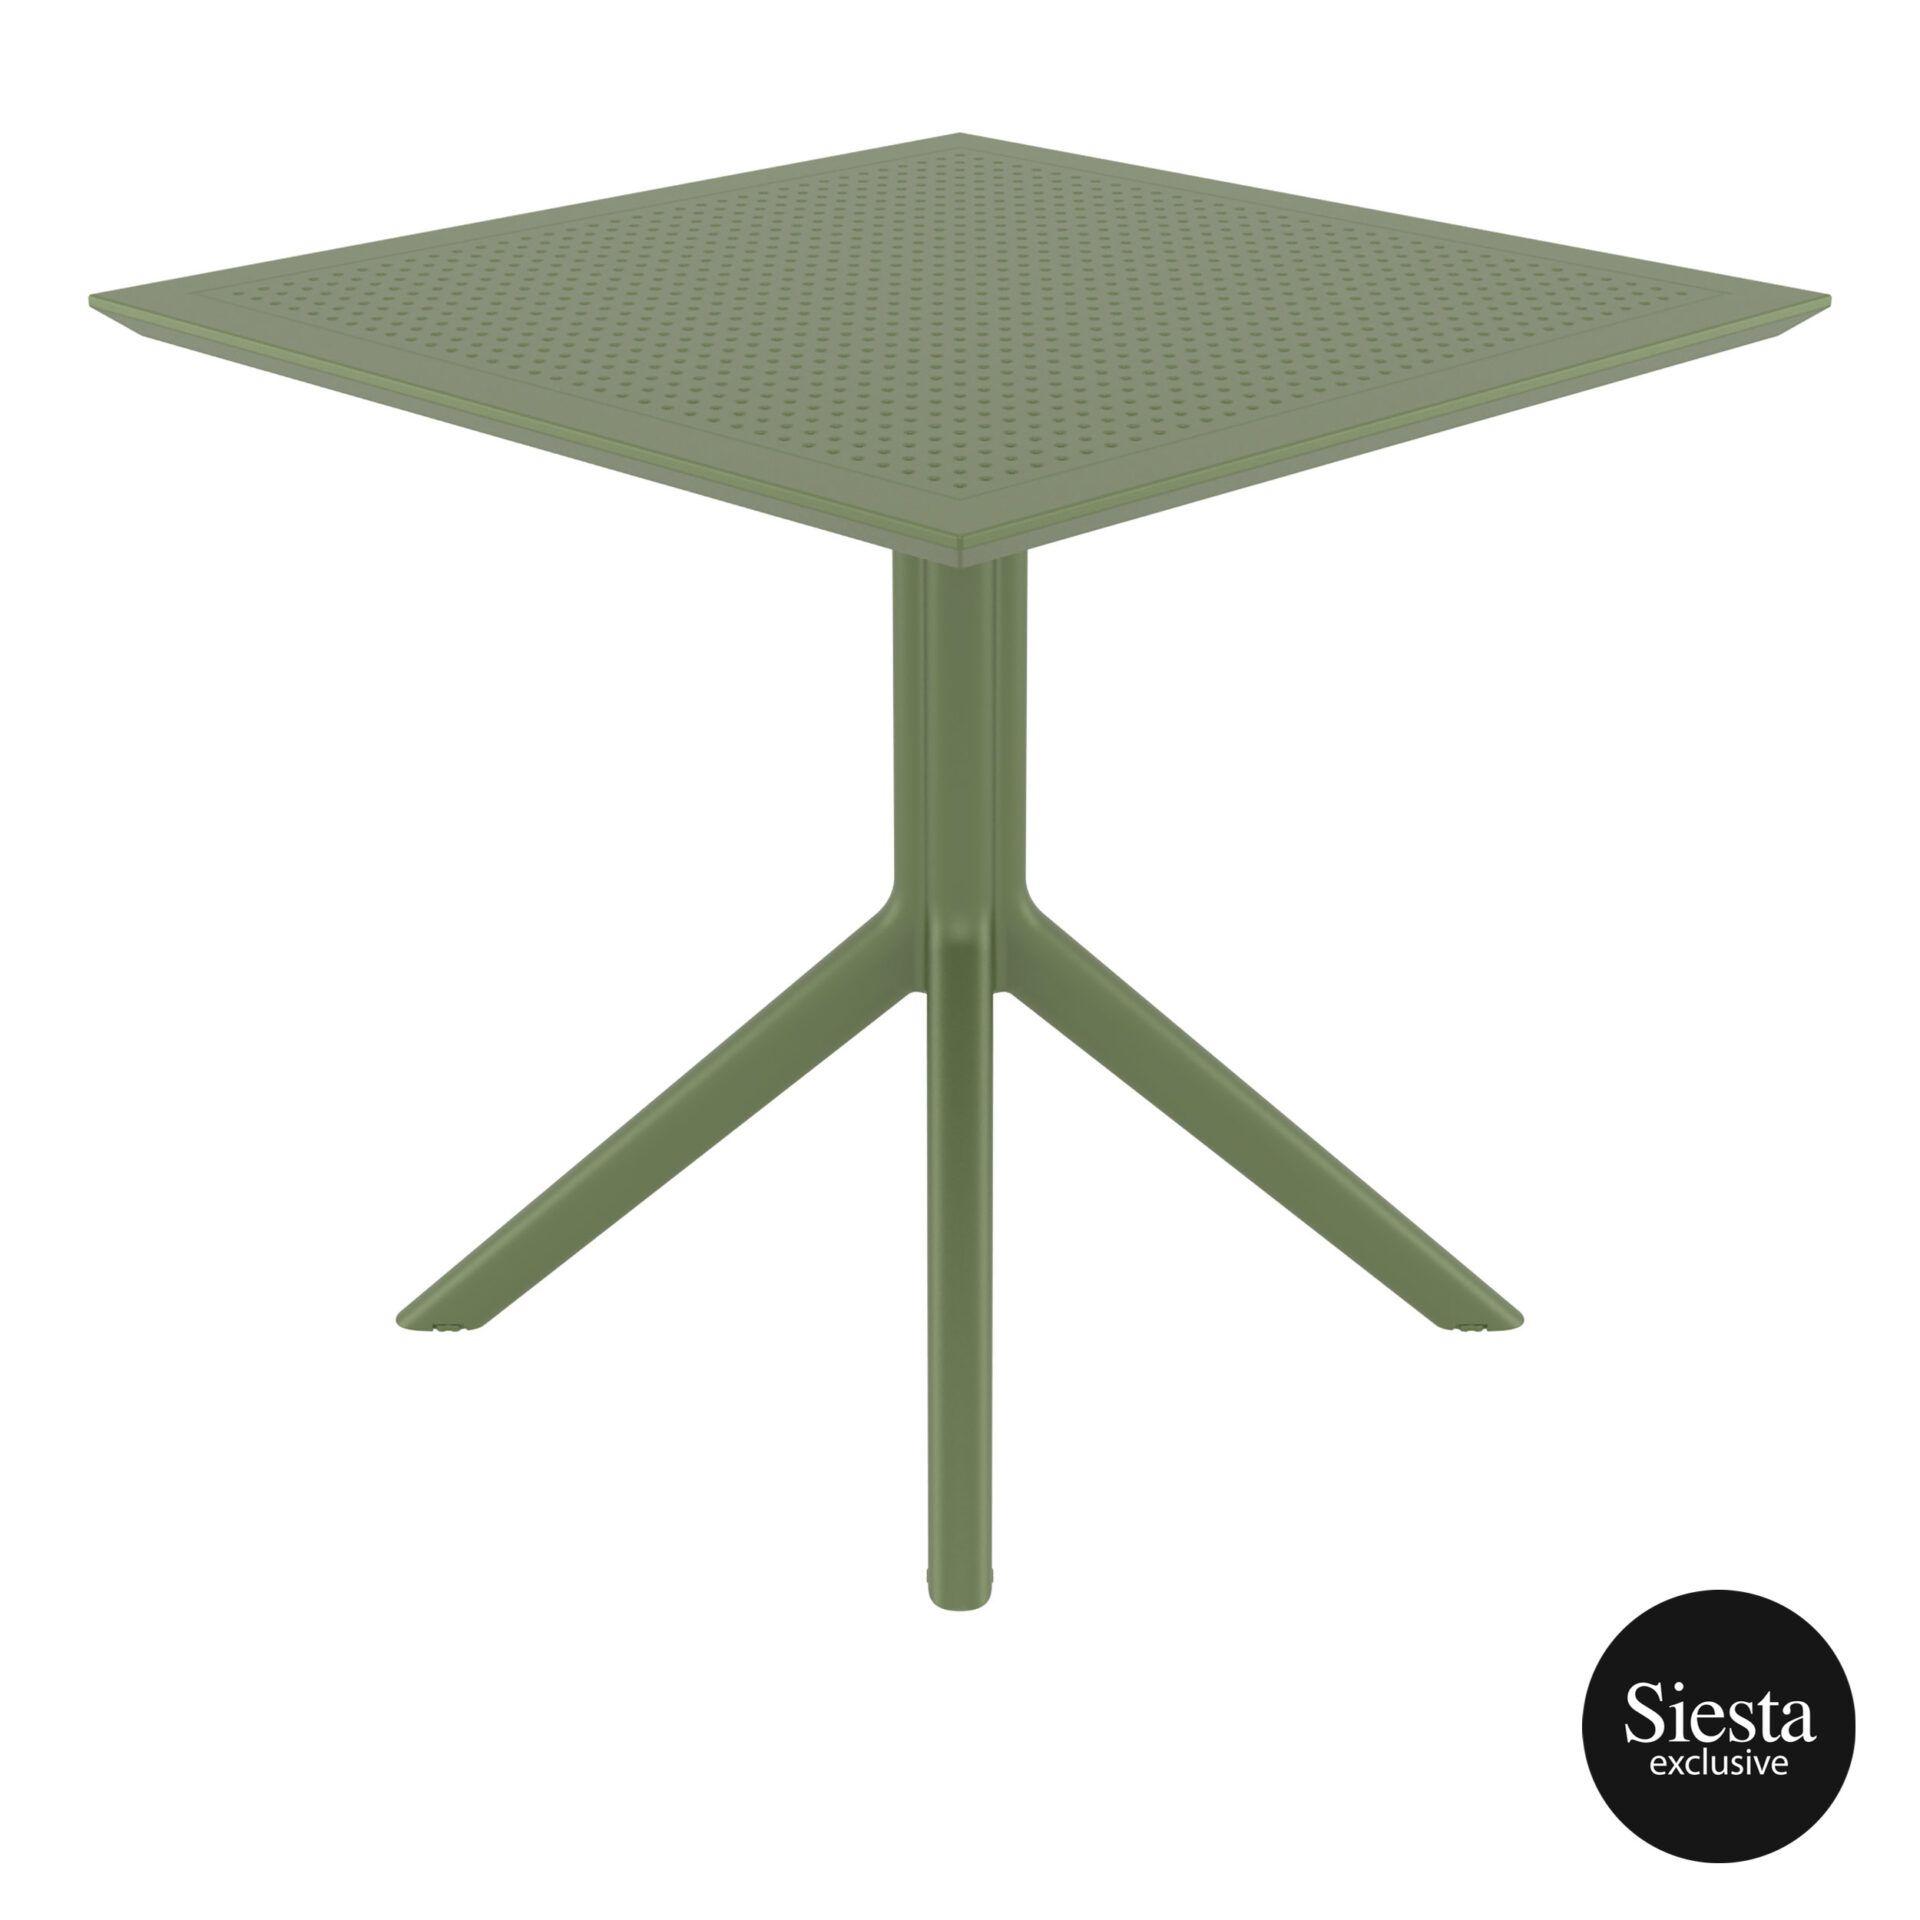 polypropylene outdoor cafe sky table 80 olive green side 1